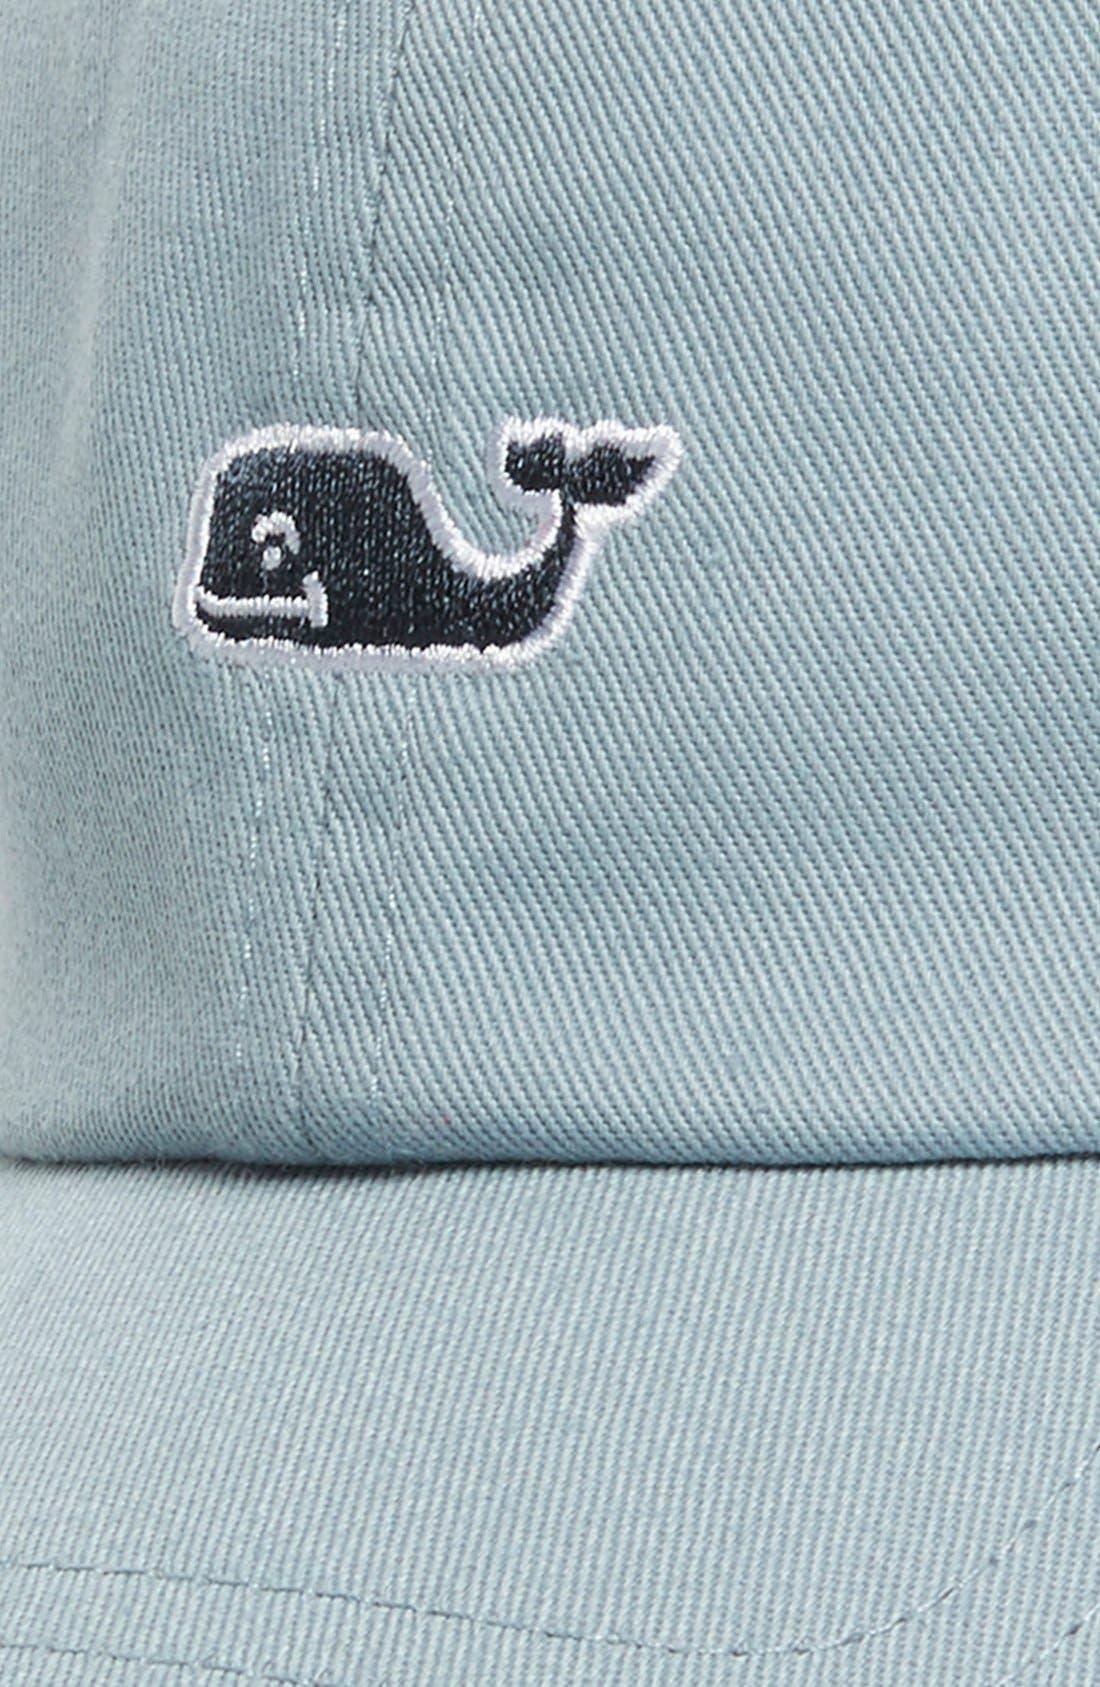 VINEYARD VINES,                             Whale Logo Cap,                             Alternate thumbnail 2, color,                             034